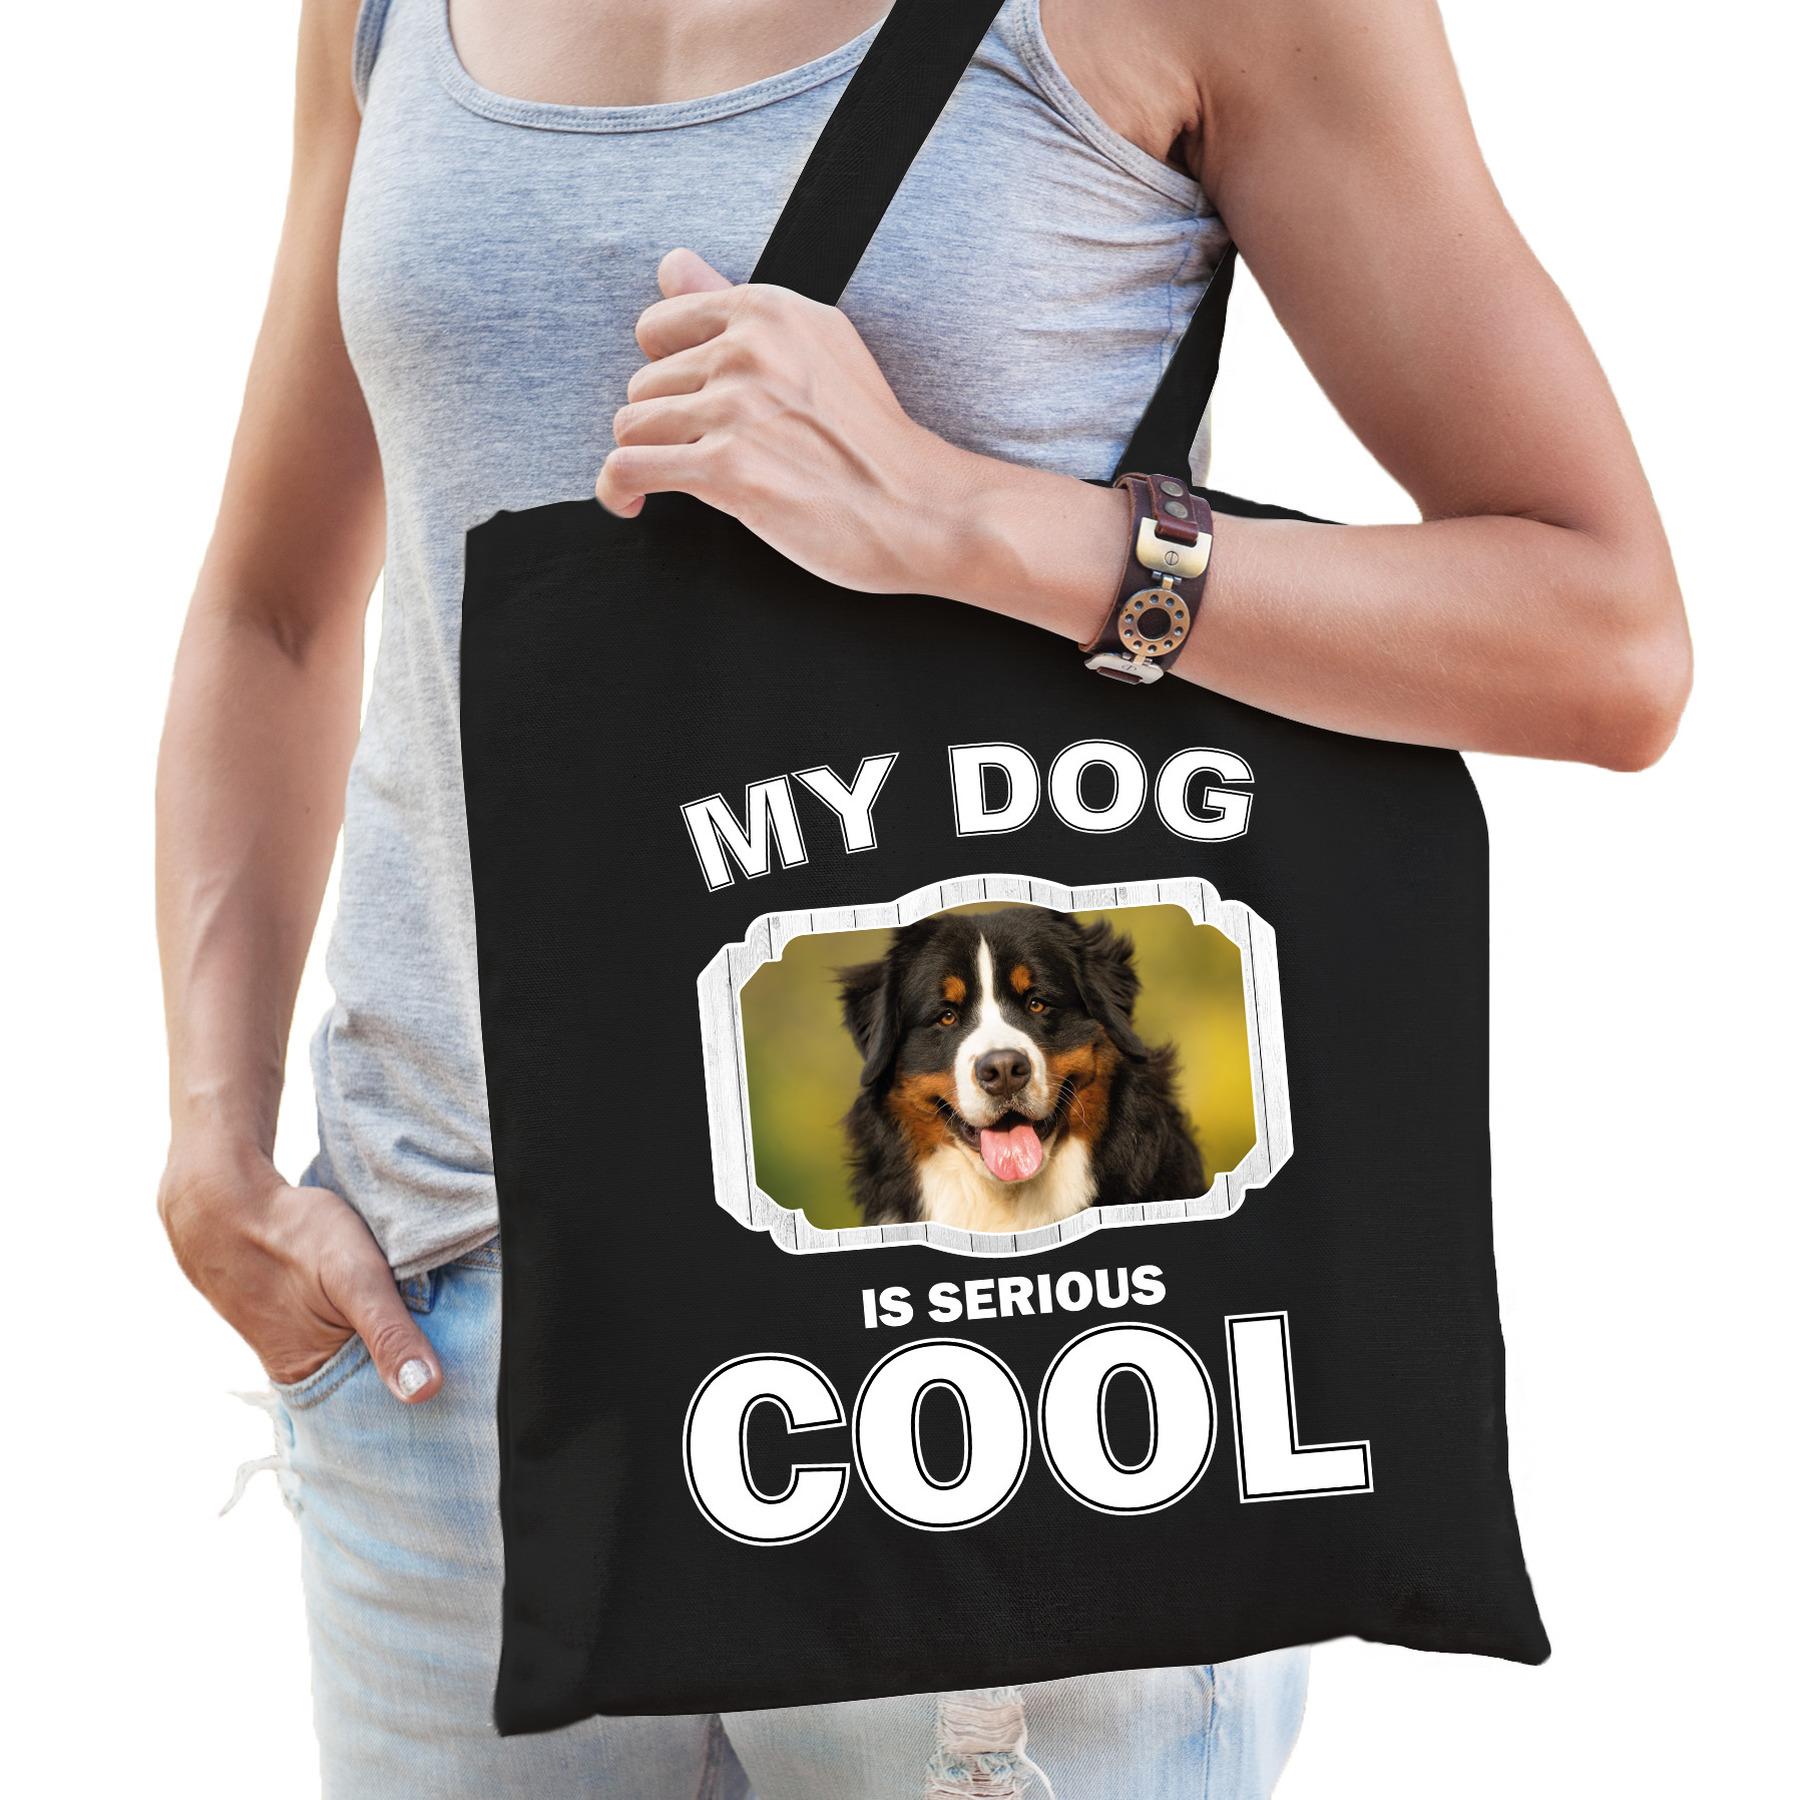 Katoenen tasje my dog is serious cool zwart - Berner sennen honden cadeau tas